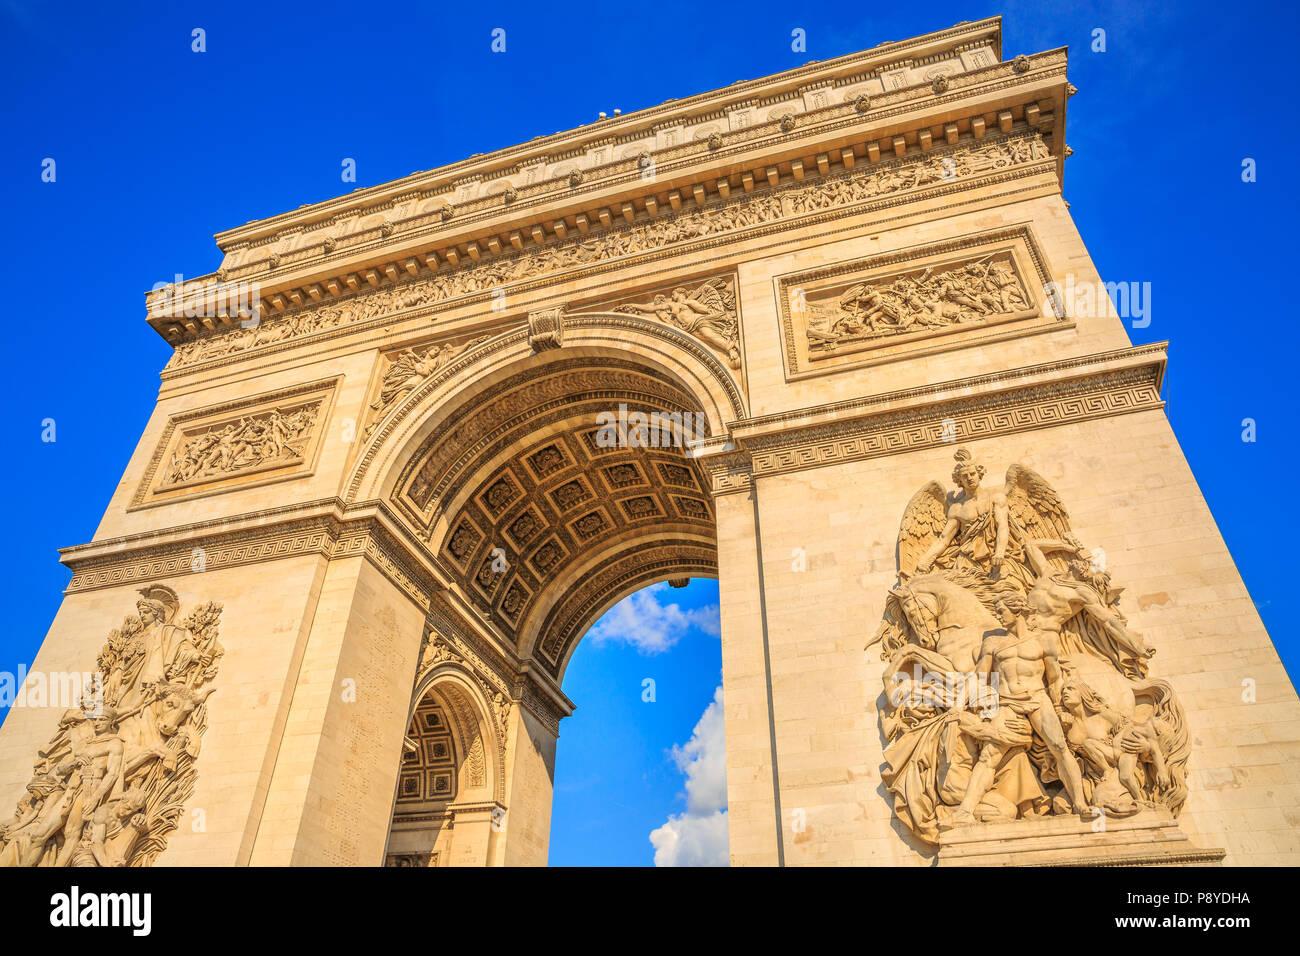 Ansicht von unten Triumphbogen in der Mitte des Place Charles de Gaulle in einer schönen sonnigen Tag mit blauen Himmel. Beliebte Sehenswürdigkeiten und berühmten Touristenattraktion in Paris, Hauptstadt von Frankreich in Europa. Stockbild